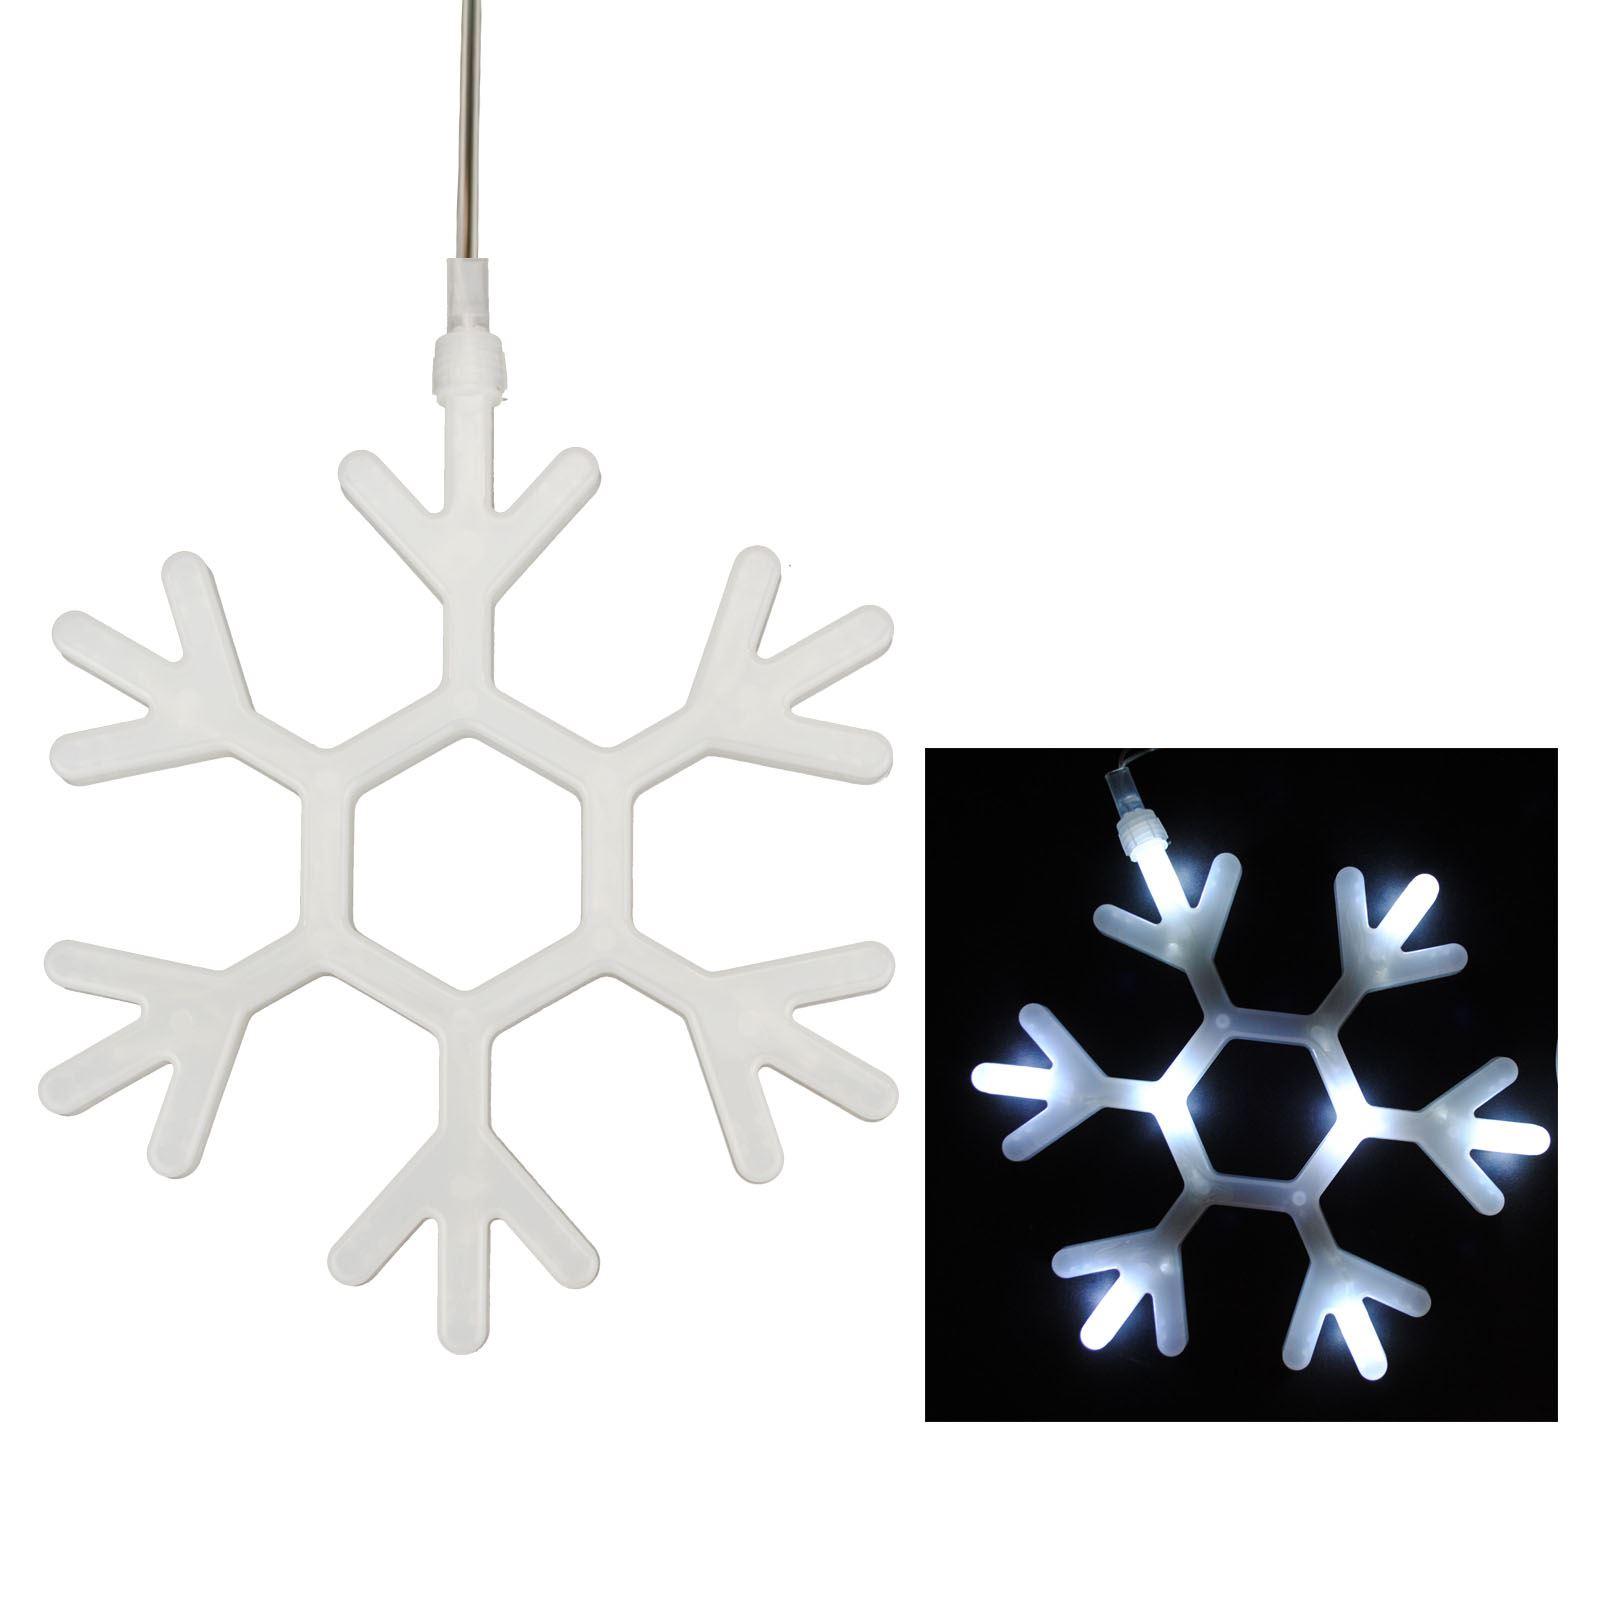 8-LED-Natale-vetrina-bianca-luminosa-luci-Natale-Festive-Decorazione-Appendere miniatura 9